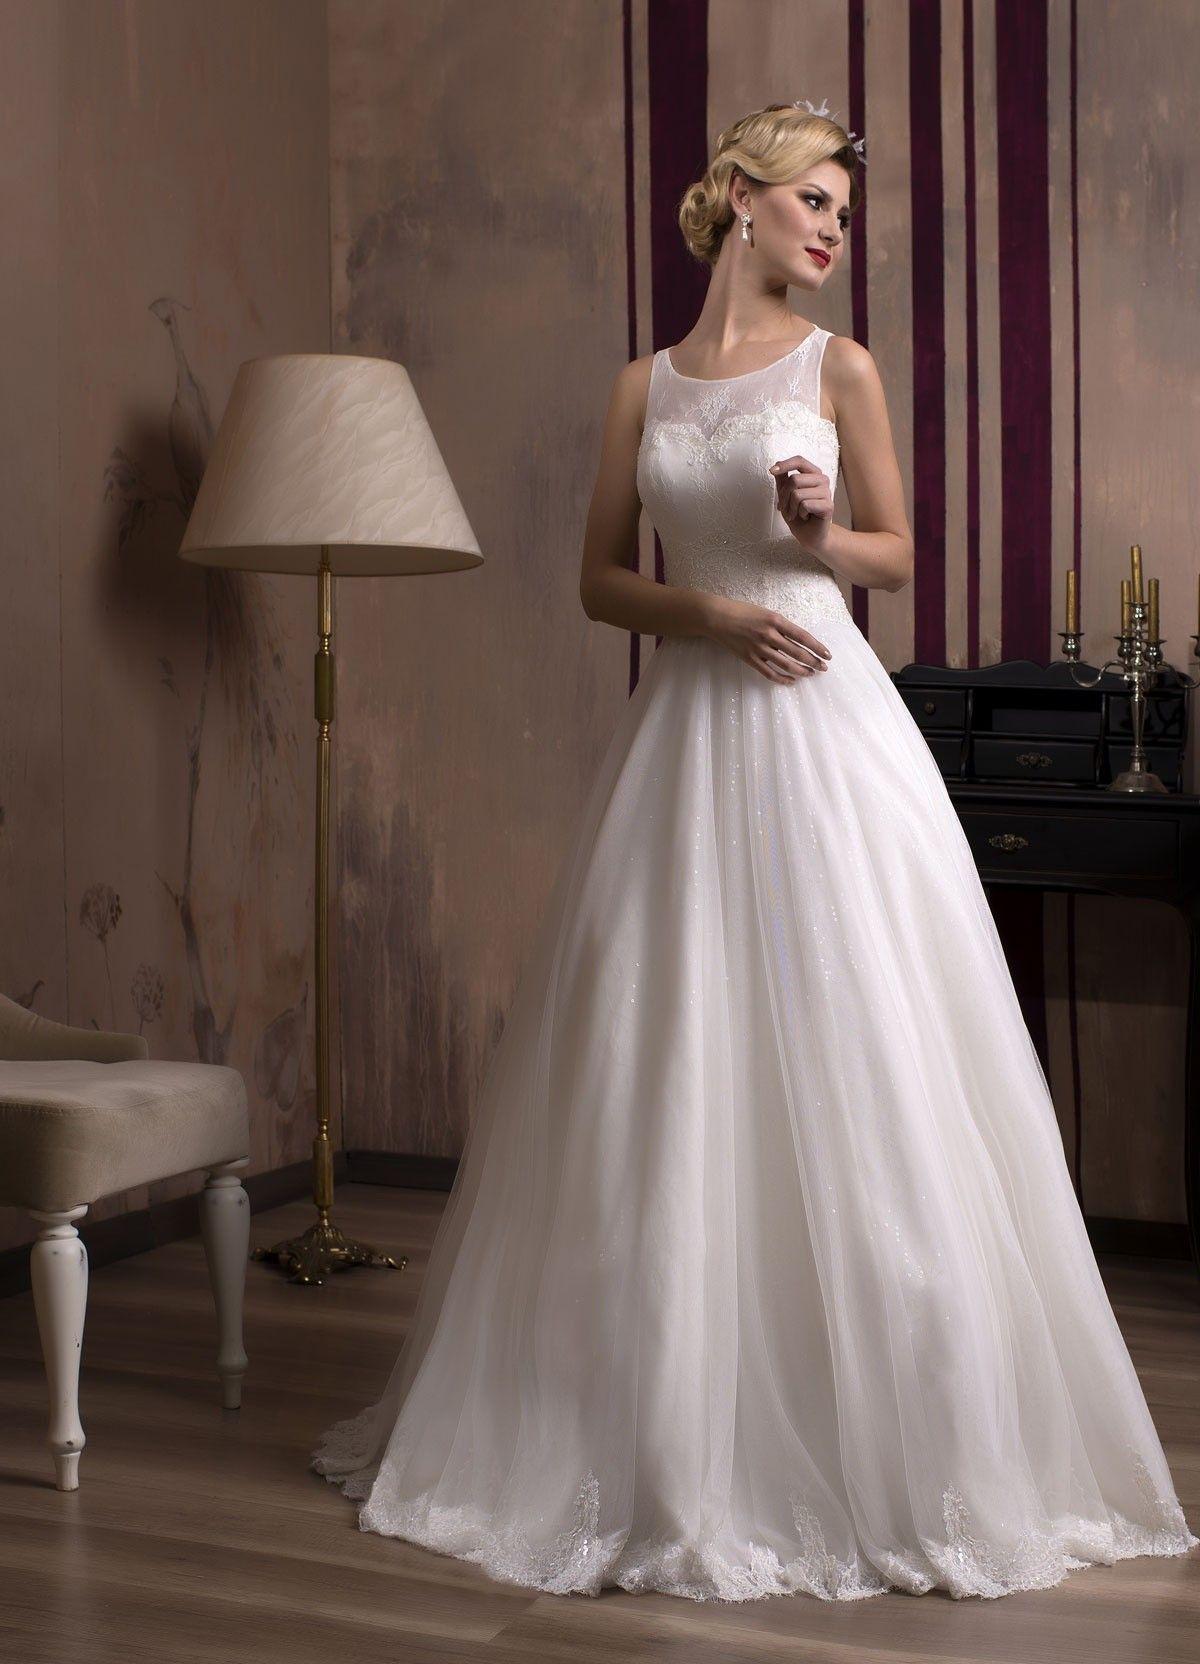 e95defb1caab Krásne svadobné šaty s jemnou padavou sukňou z trblietavého tylu a  živôtikom zdobeným jemnou čipkou